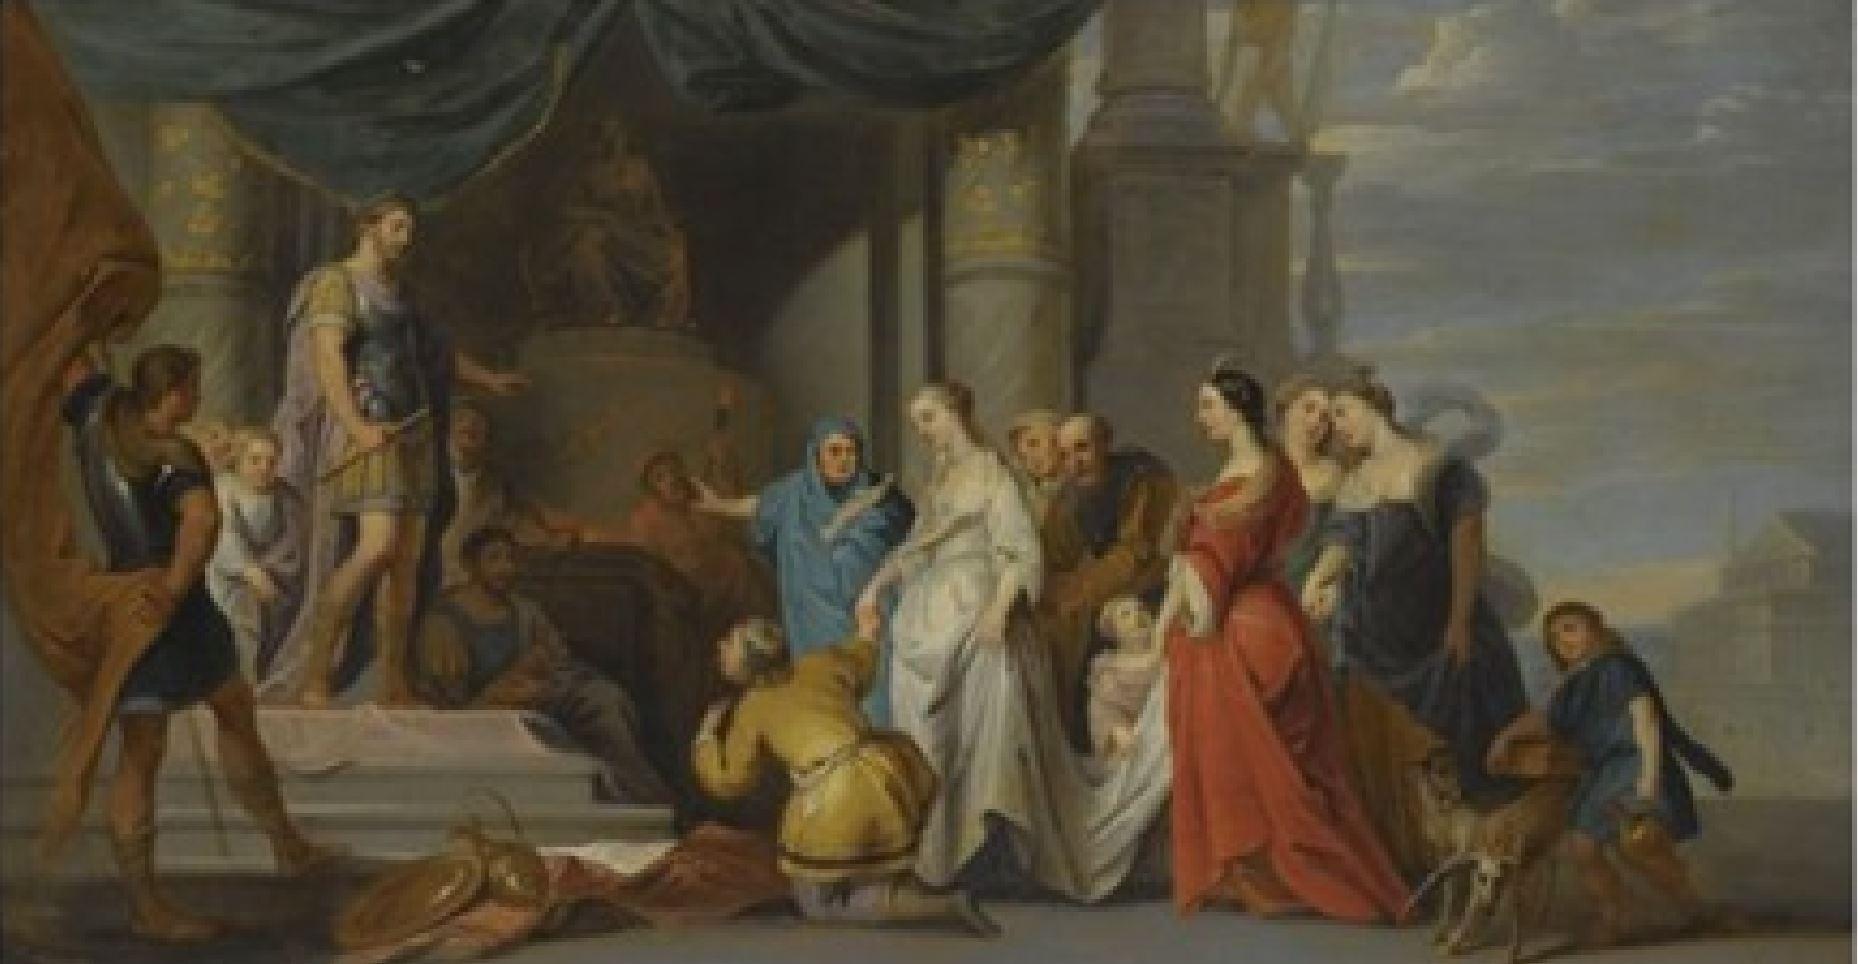 erasmus-quellinus-le jeune 1640-60 La clemence de Scipion coll priv